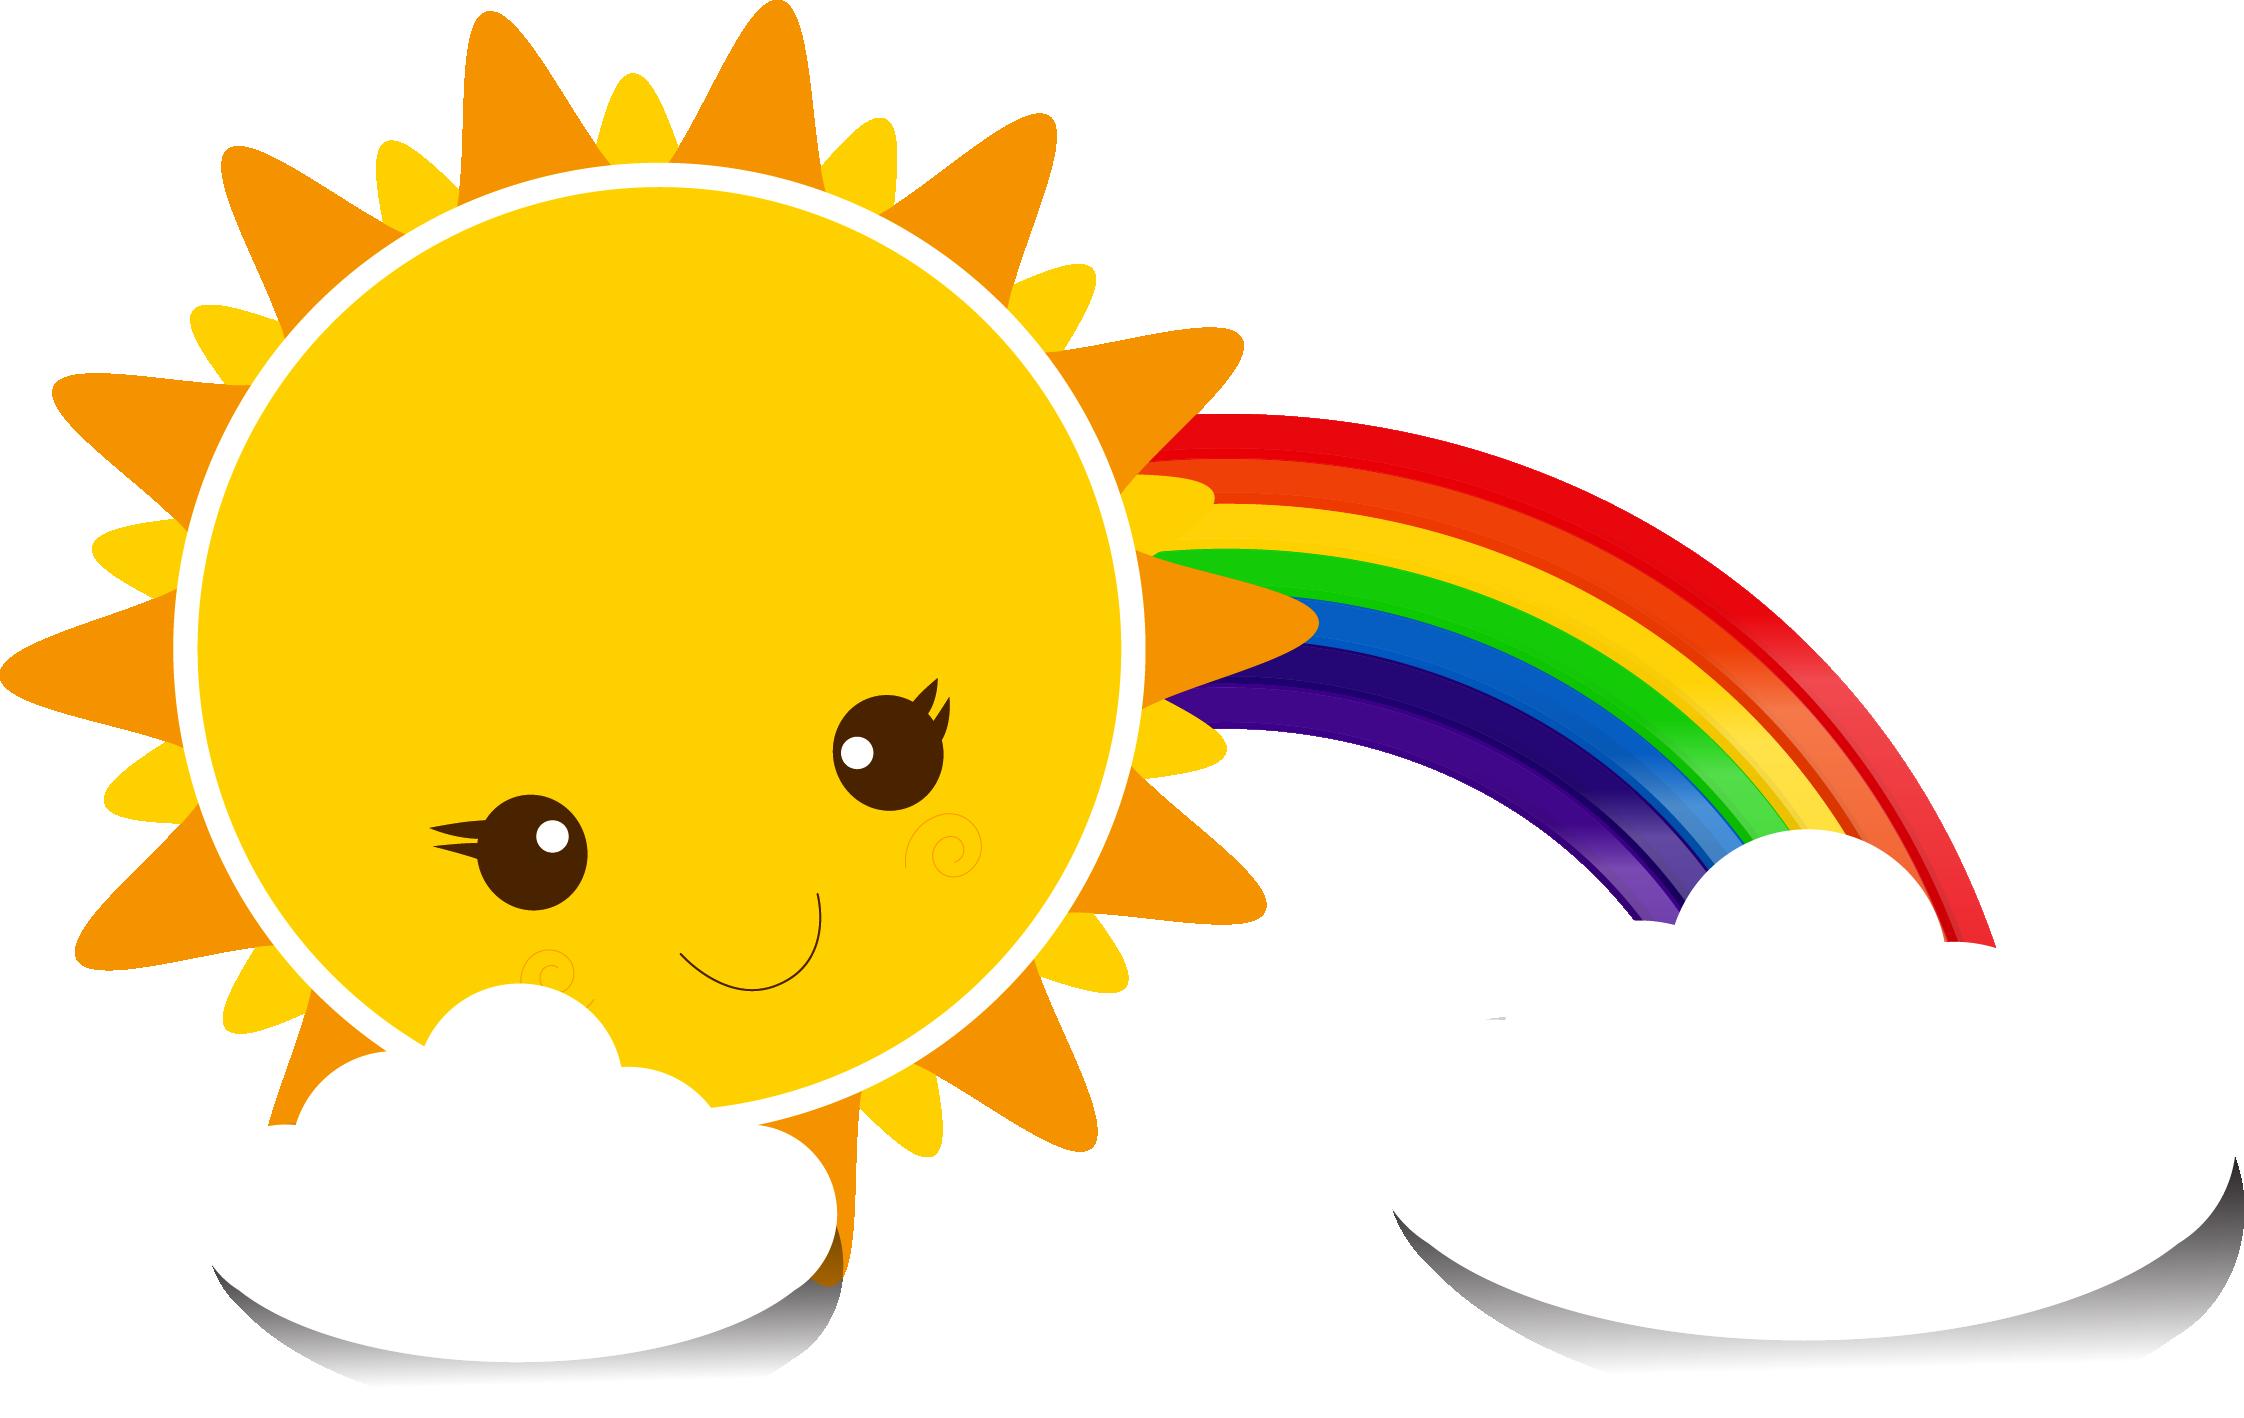 картинки с радугой и солнцем и детьми запаситесь свежими